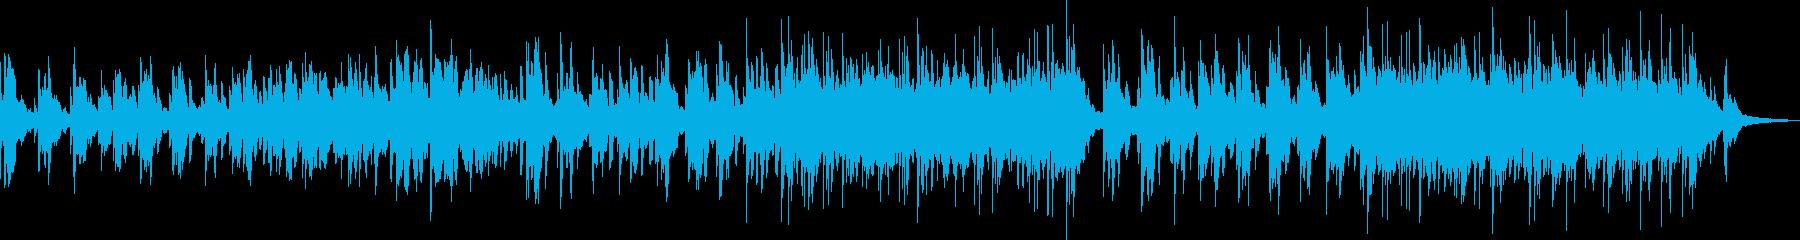 柔らかいタッチのピアノソロの再生済みの波形